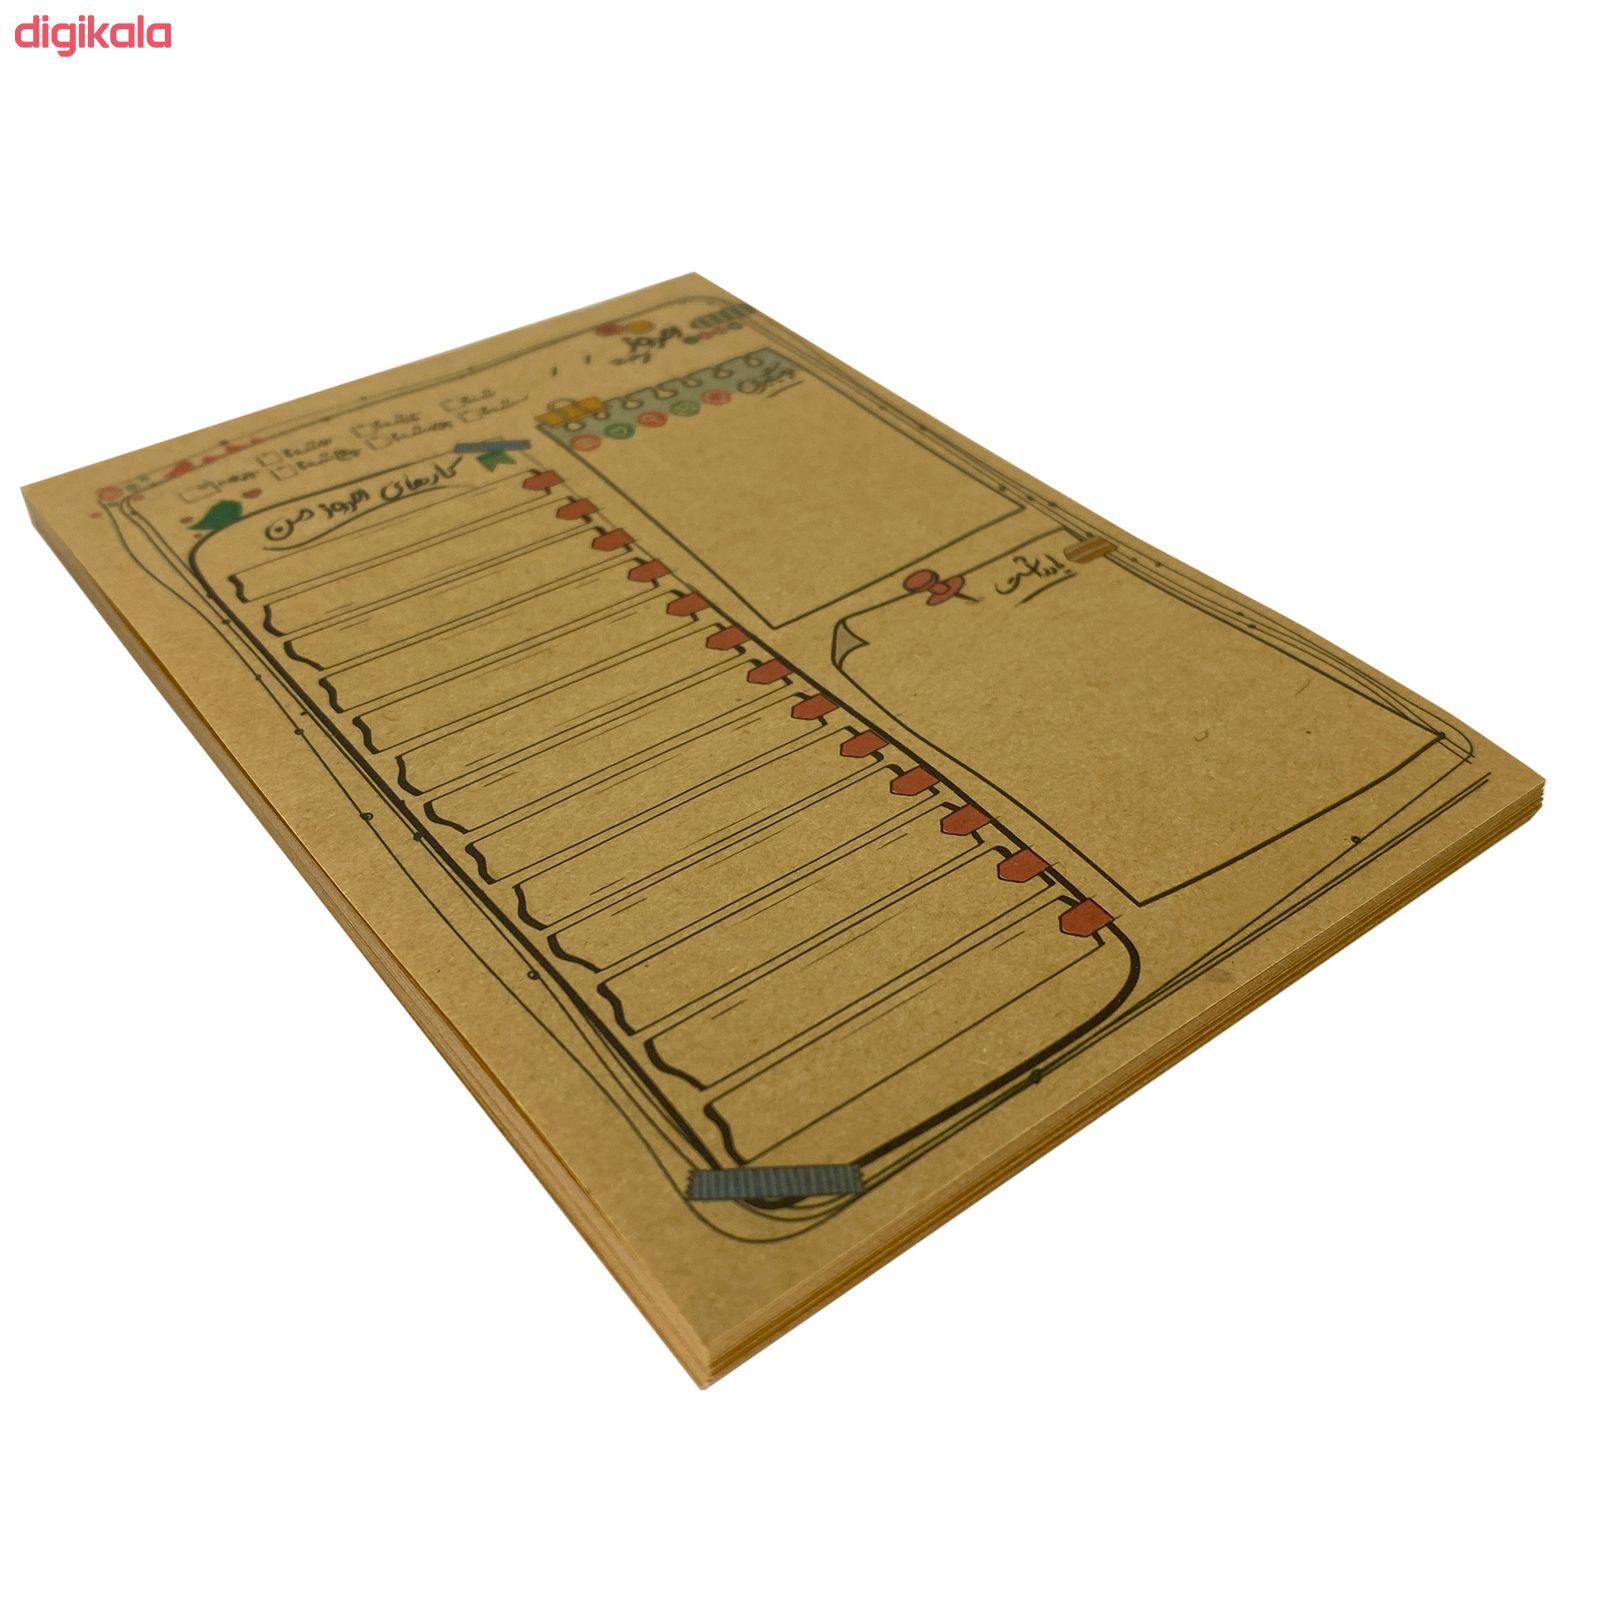 کاغذ یادداشت طرح کارهای امروز من بسته 50 عددی main 1 2